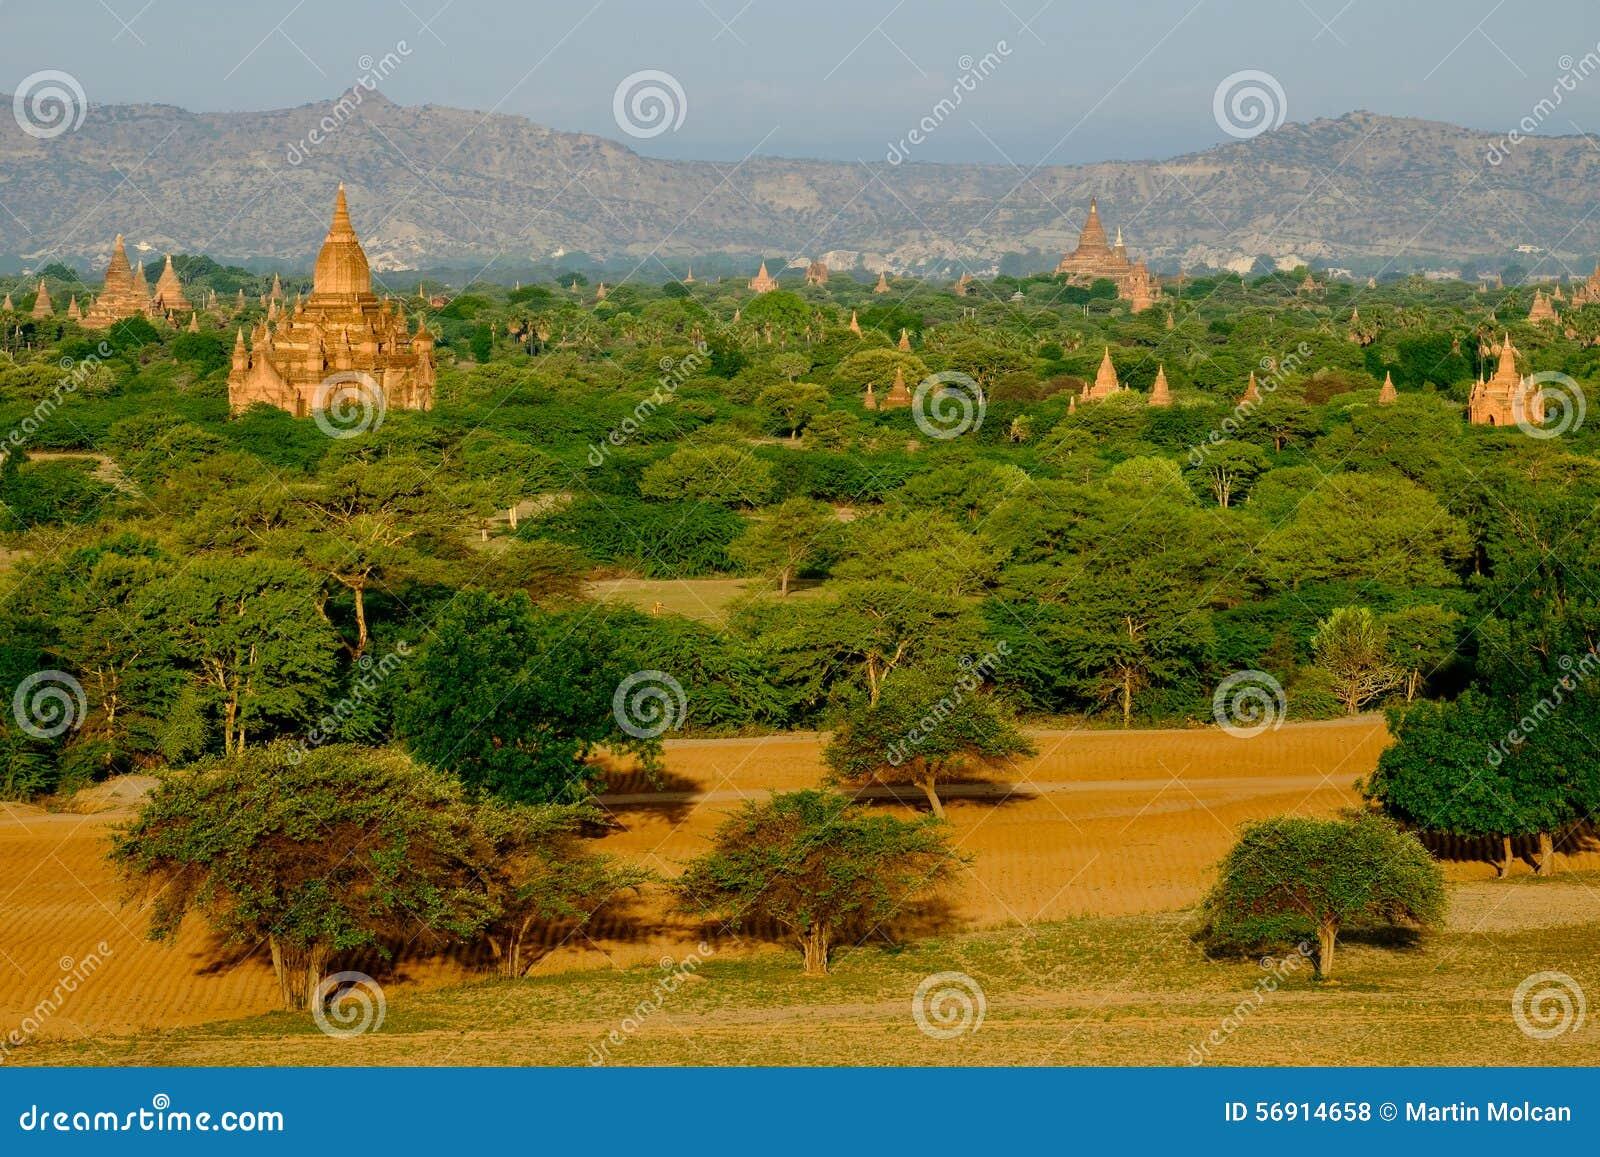 Φυσική άποψη του τοπίου, των τομέων και των ναών σε Bagan, το Μιανμάρ